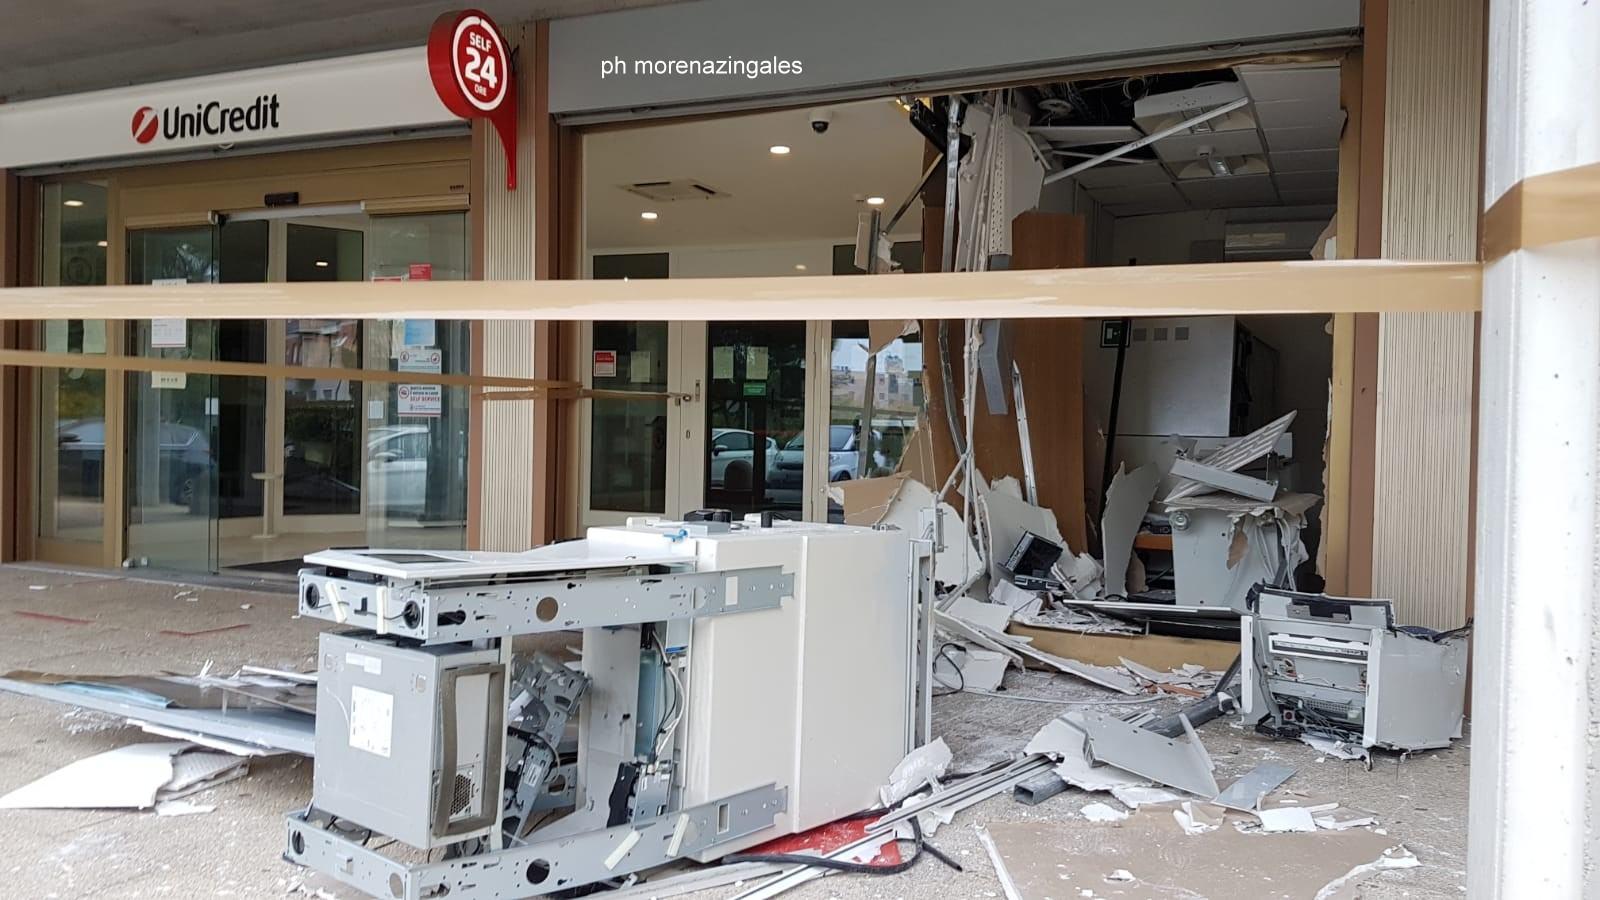 Esplode bancomat Unicredit a San Sisto di Perugia, anche colpi di arma da fuoco nella notte